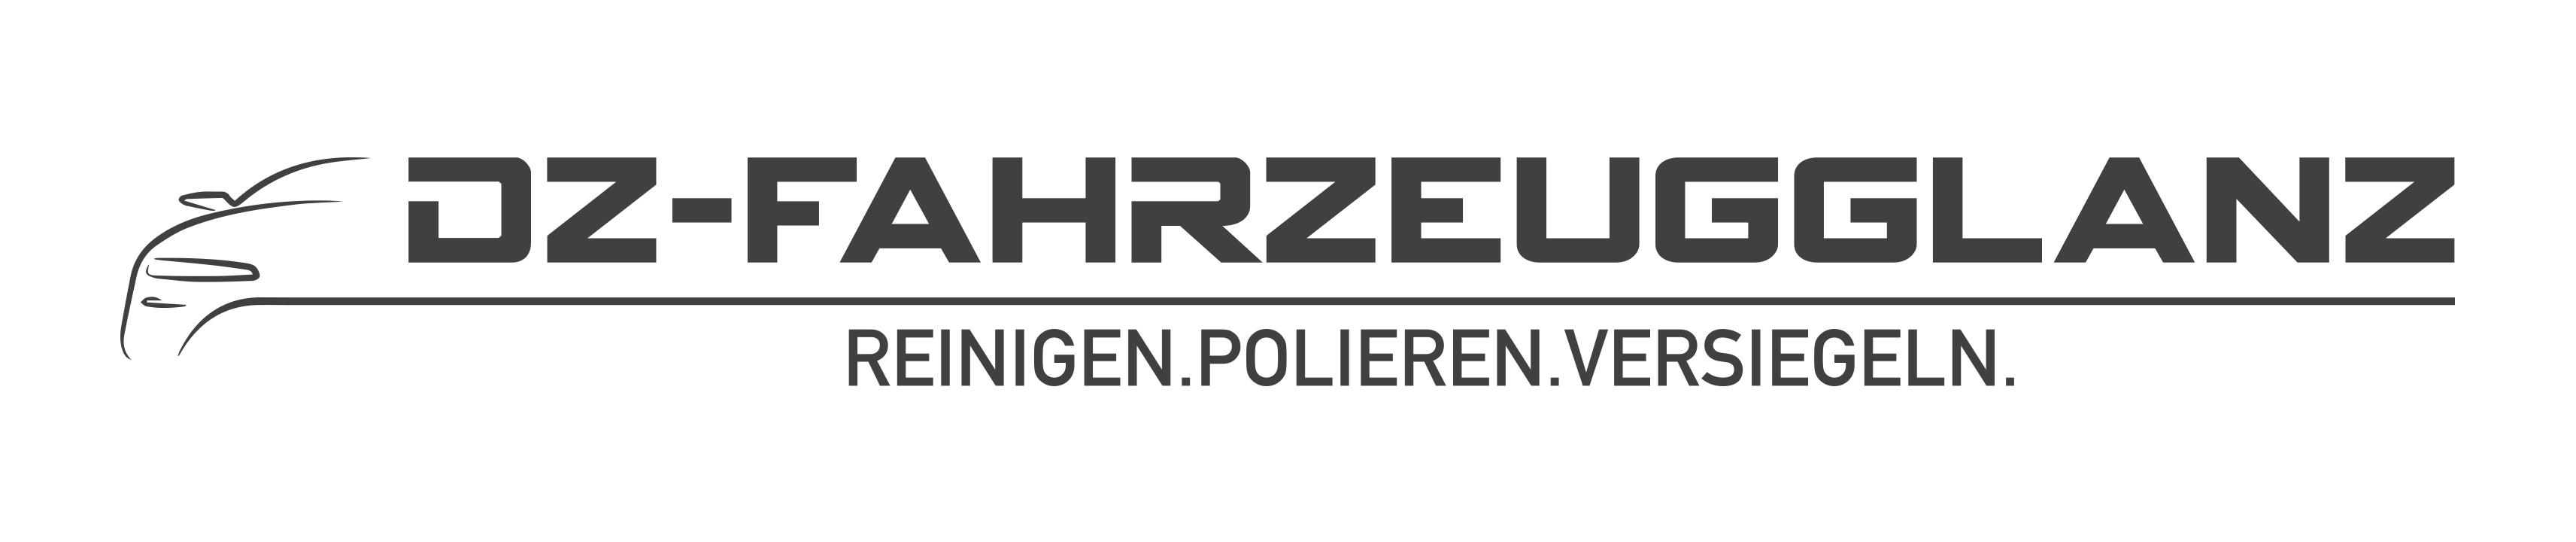 Dennis Zimolag Fahrzeugpflege Emsdetten Münster